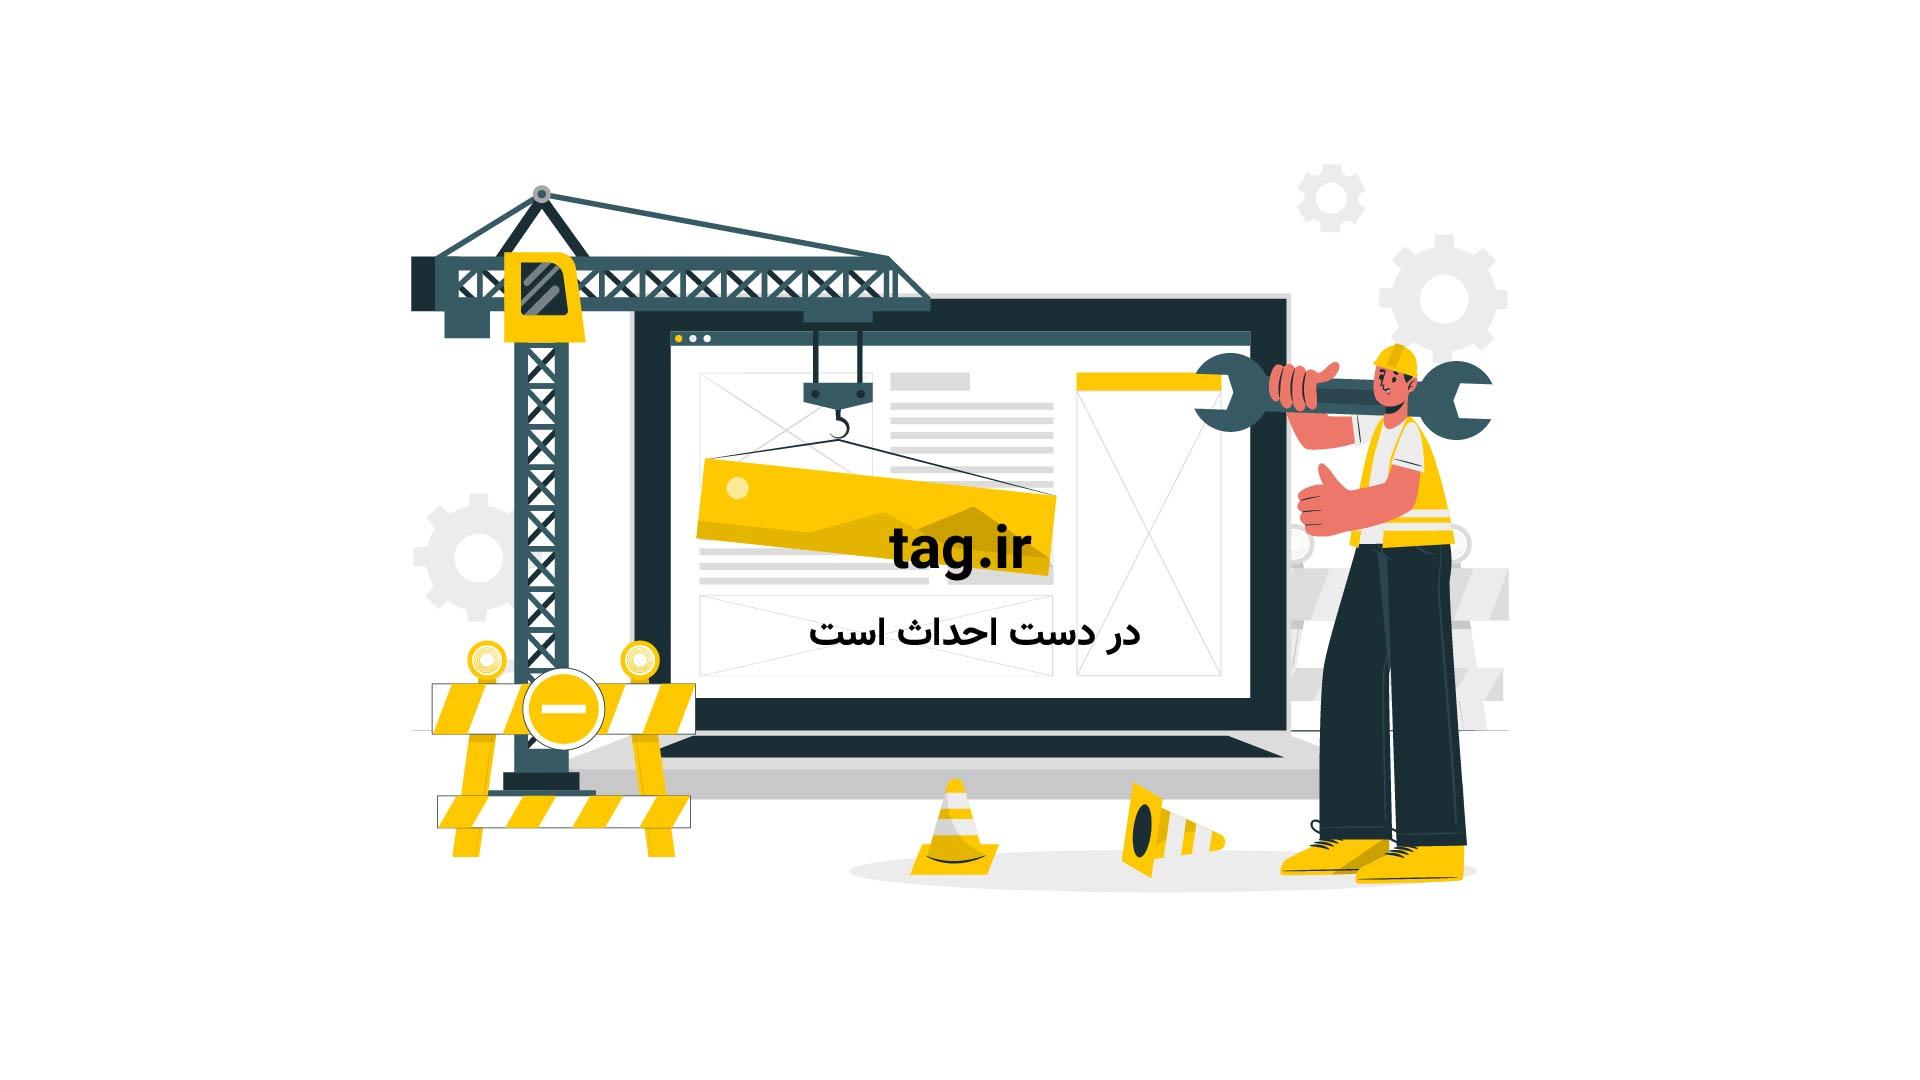 لحظه به لحظه شکار ۲۰ ثانیهای چیتا را ببینید | فیلم